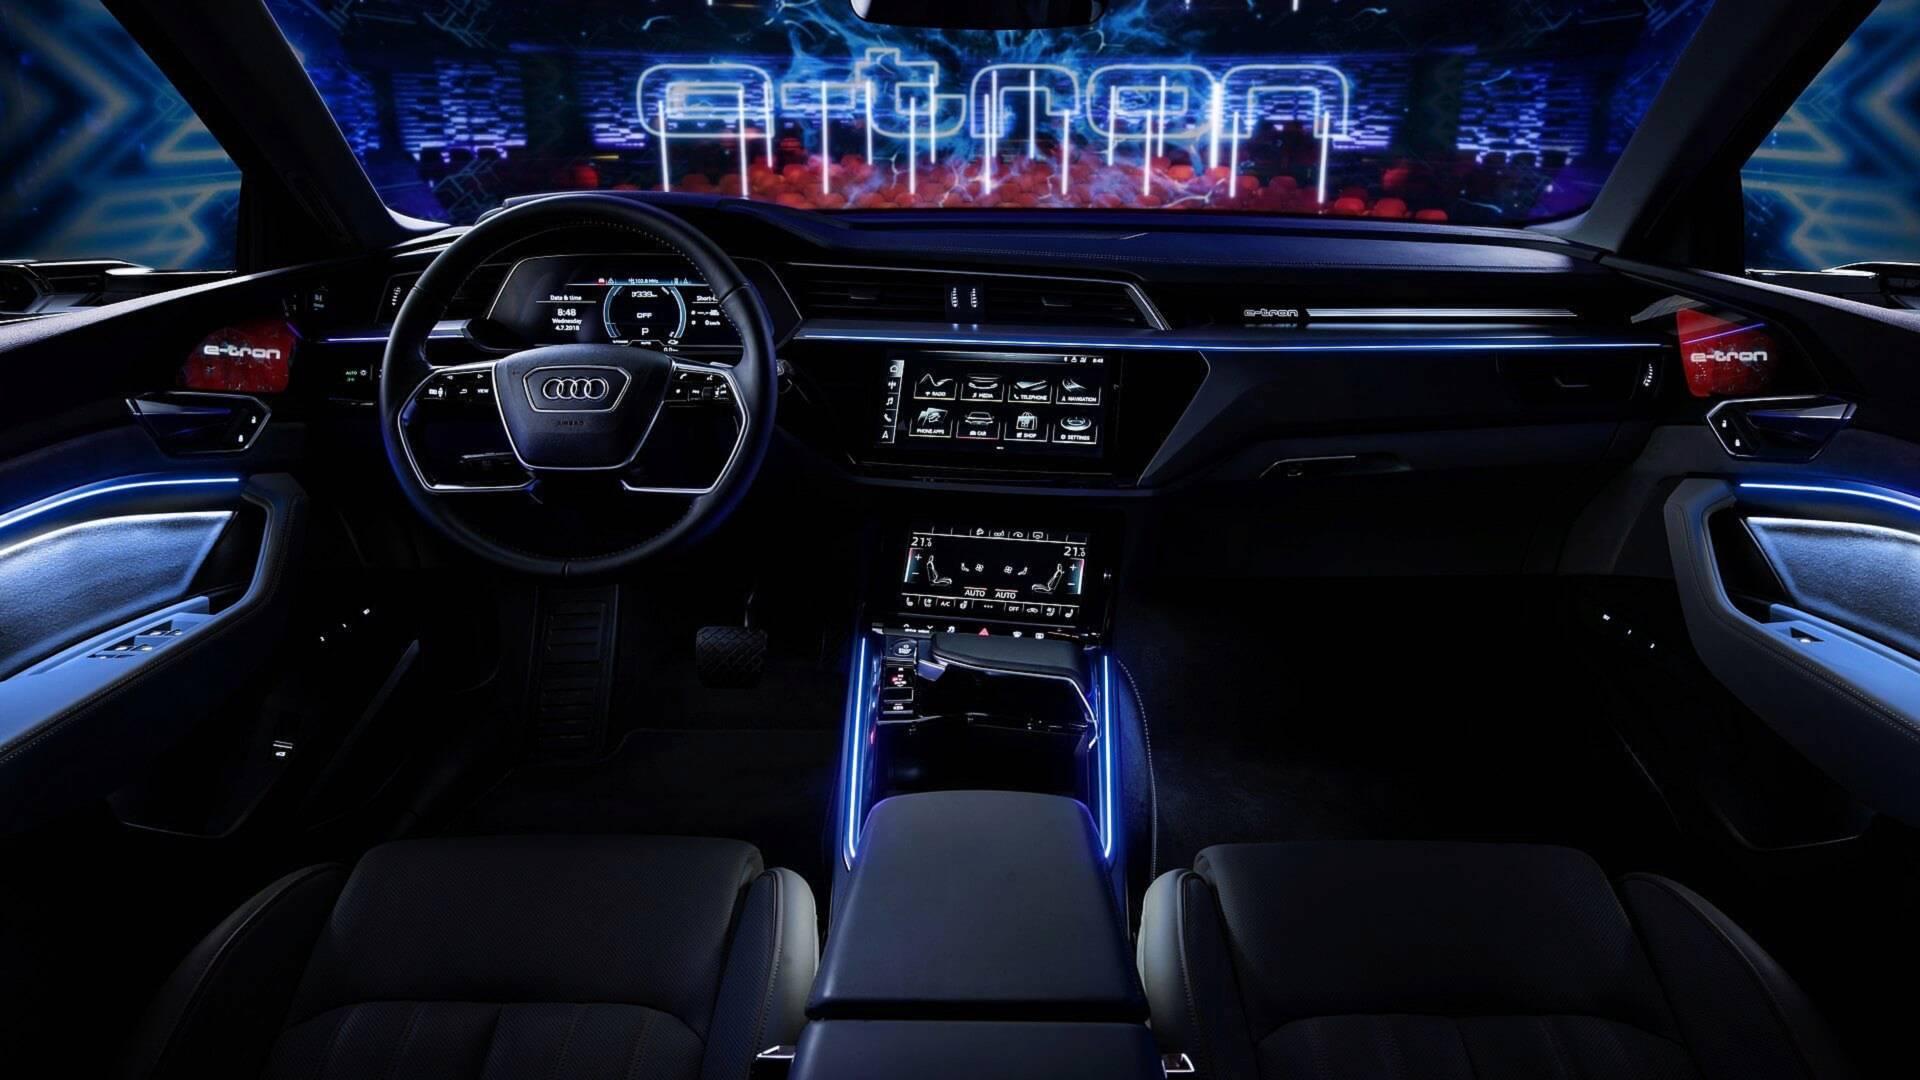 2019 Audi E Tron Electric Suv Shows Interior Design In Official Photo Gallery Autoevolution